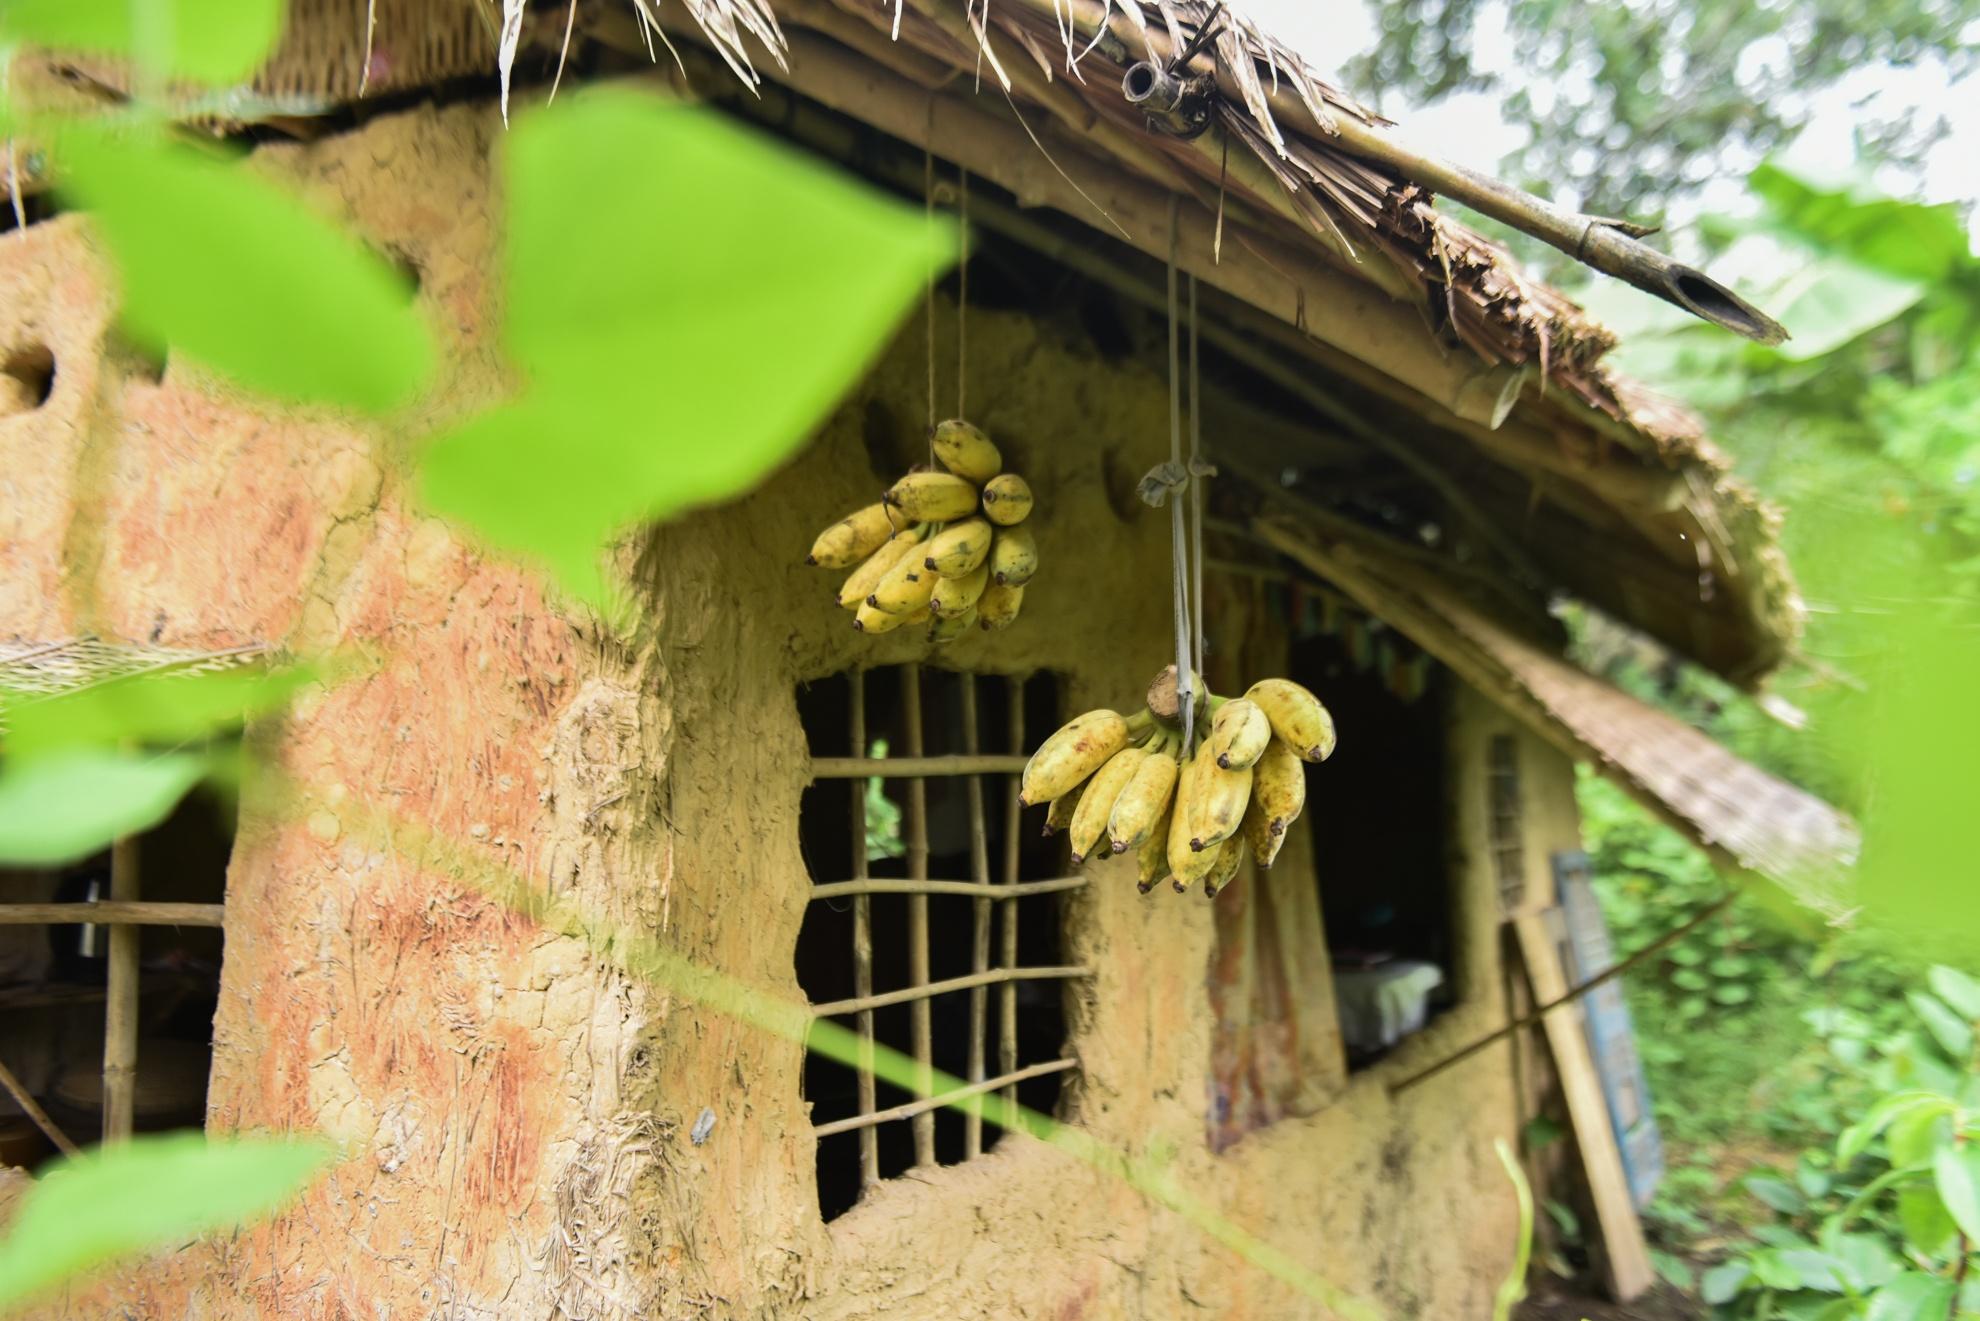 Chang nong dan 'khung' va giac mo ong hut tre hinh anh 9